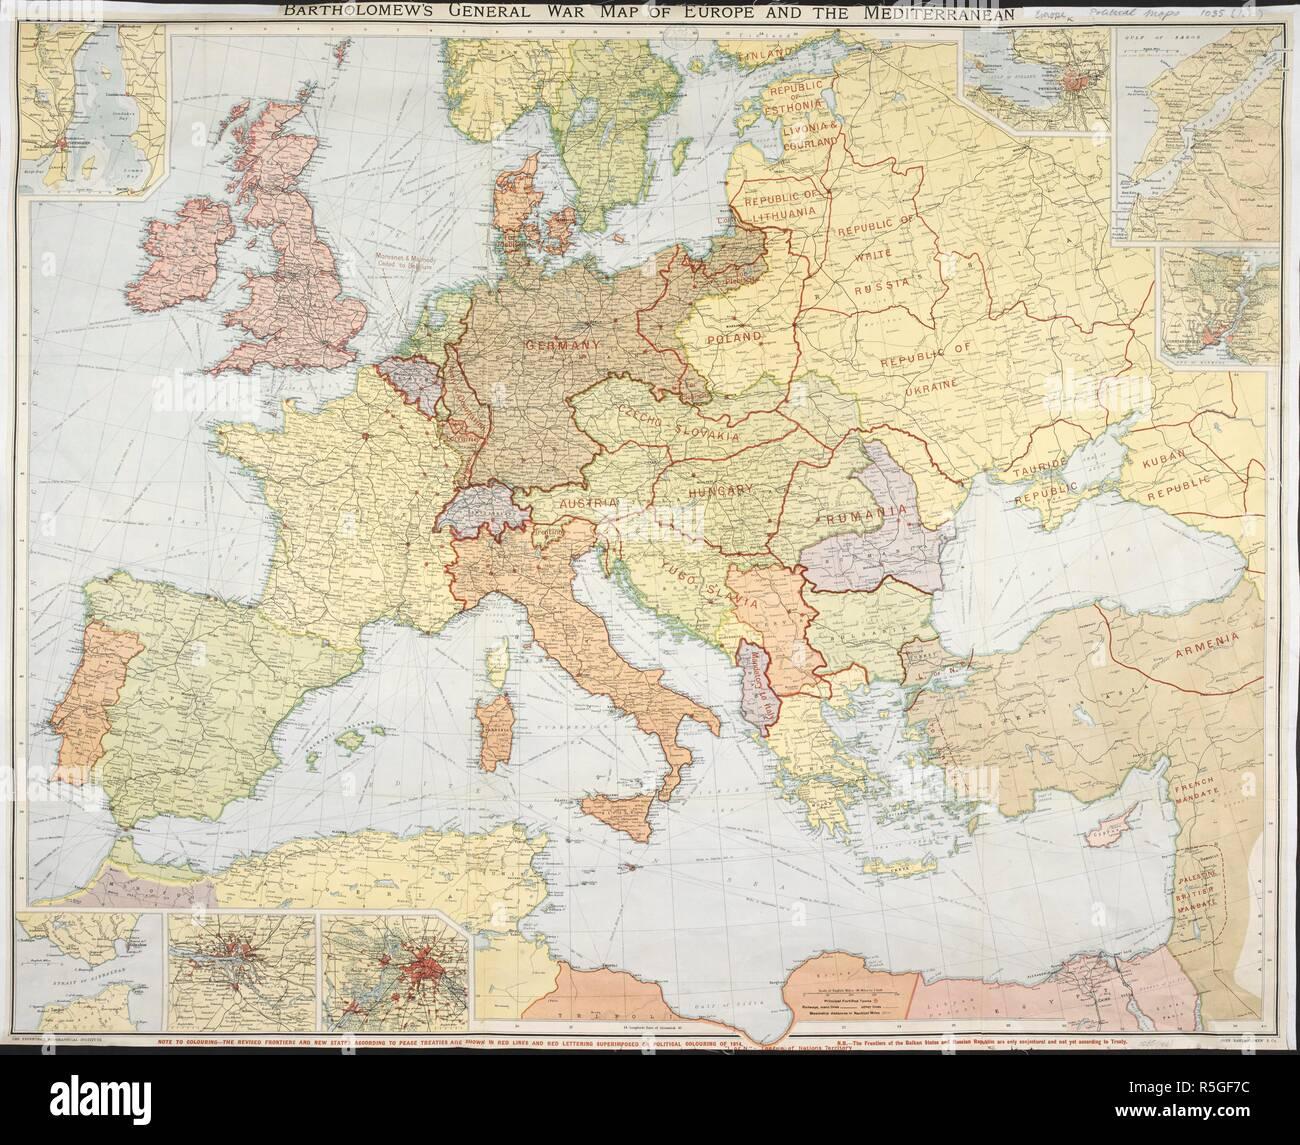 Mittelmeer Karte Europa.Krieg Karte Von Europa Und Dem Mittelmeerraum Bartholomew S